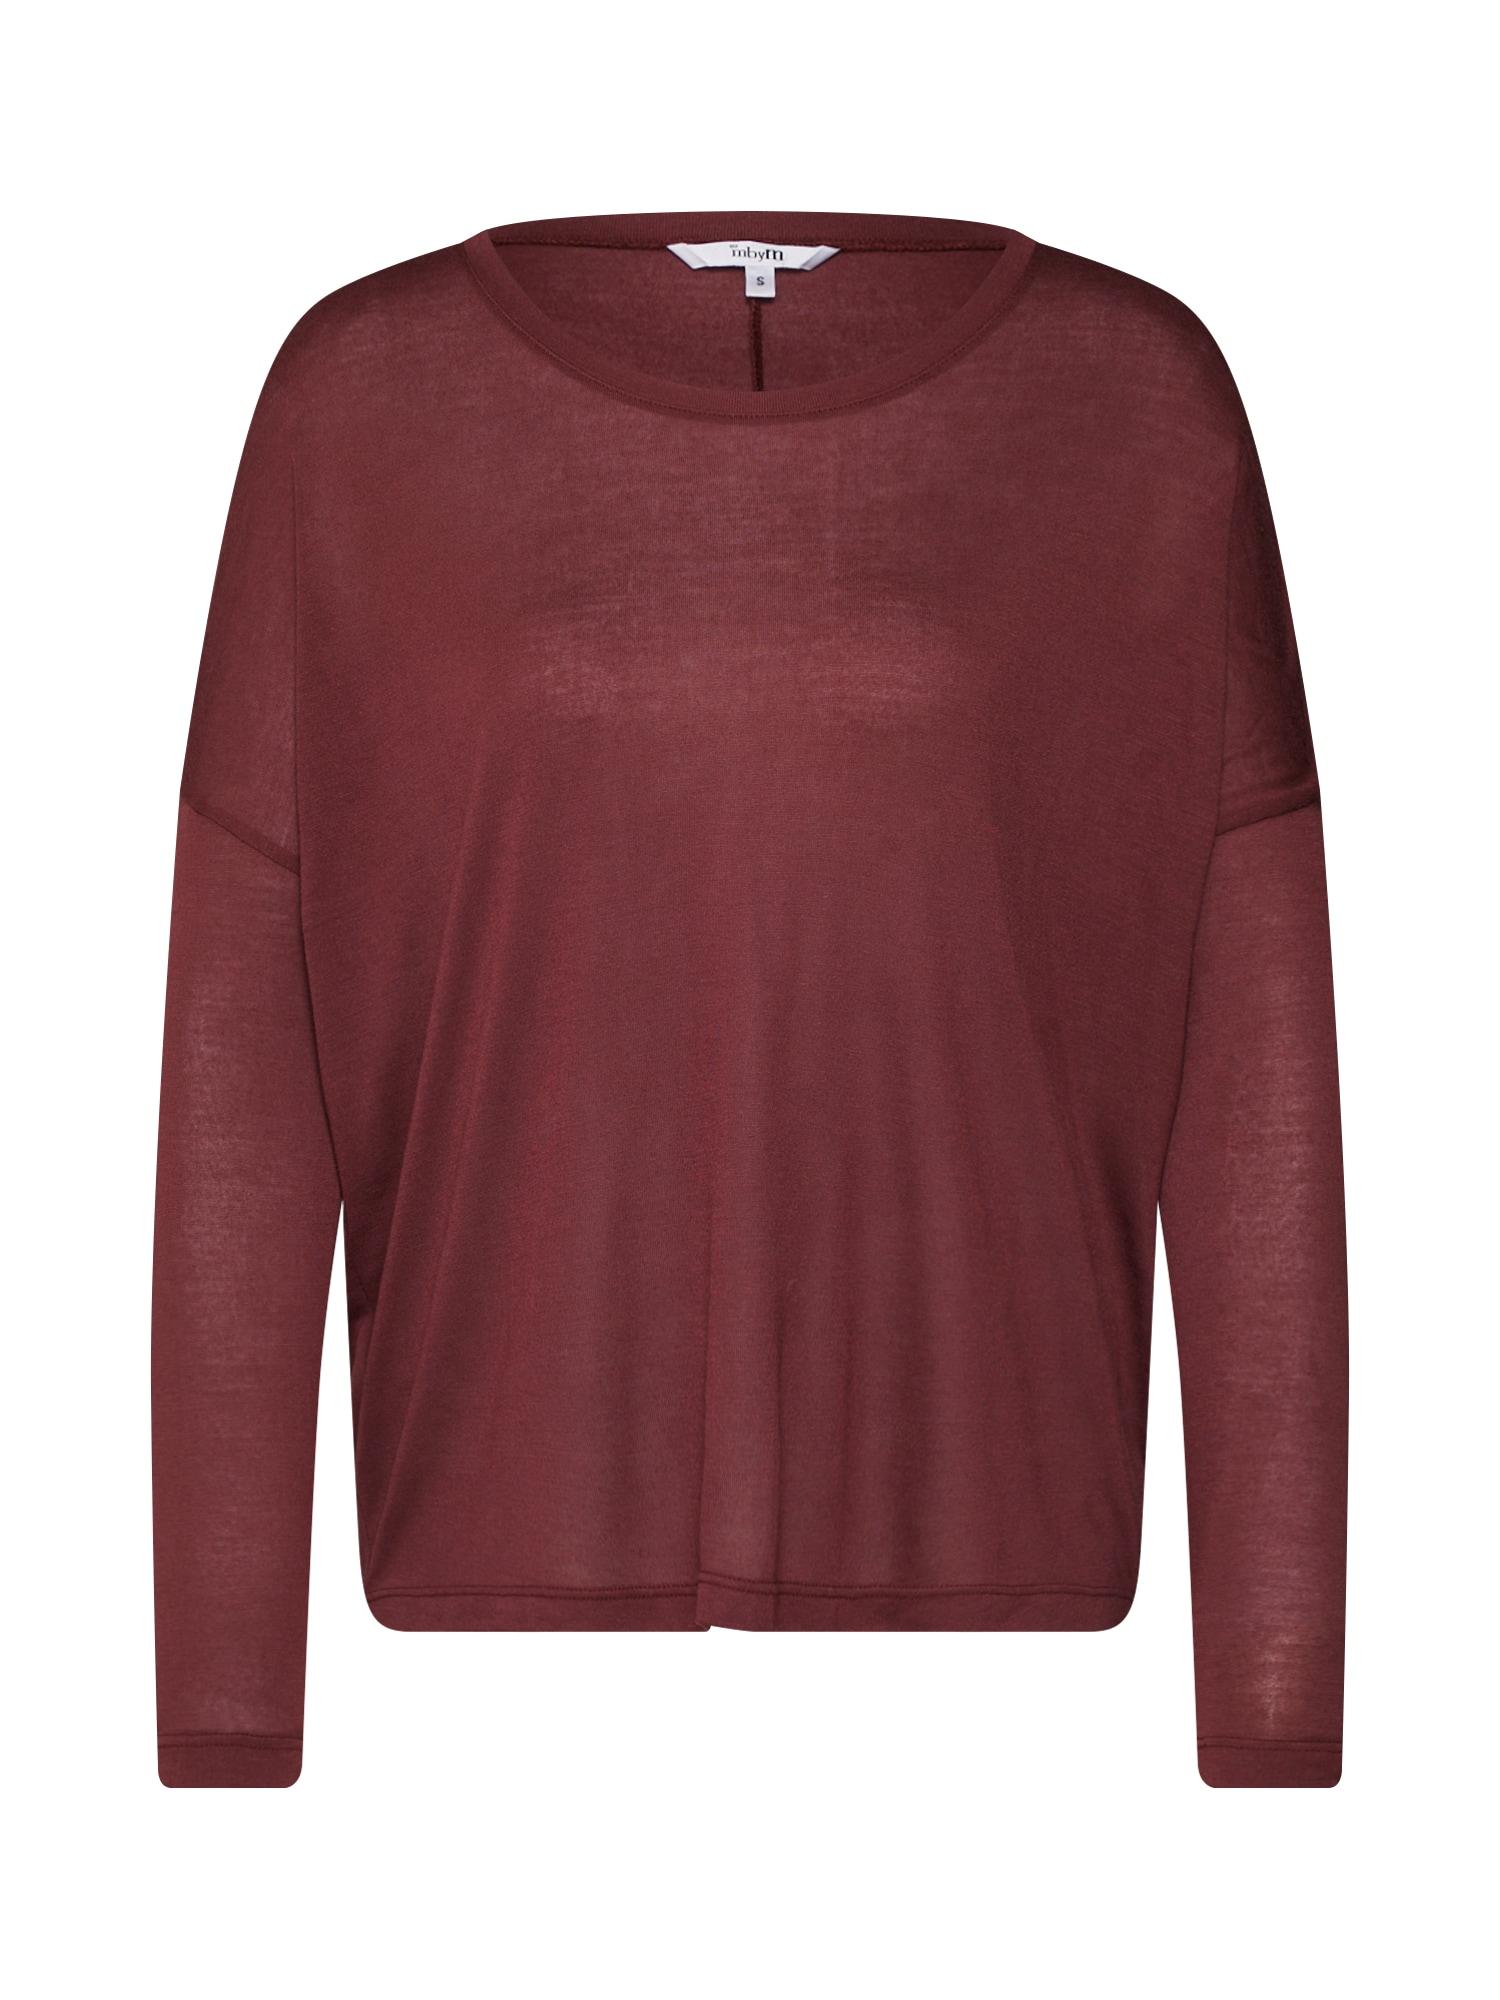 mbym Oversize tričko  červené